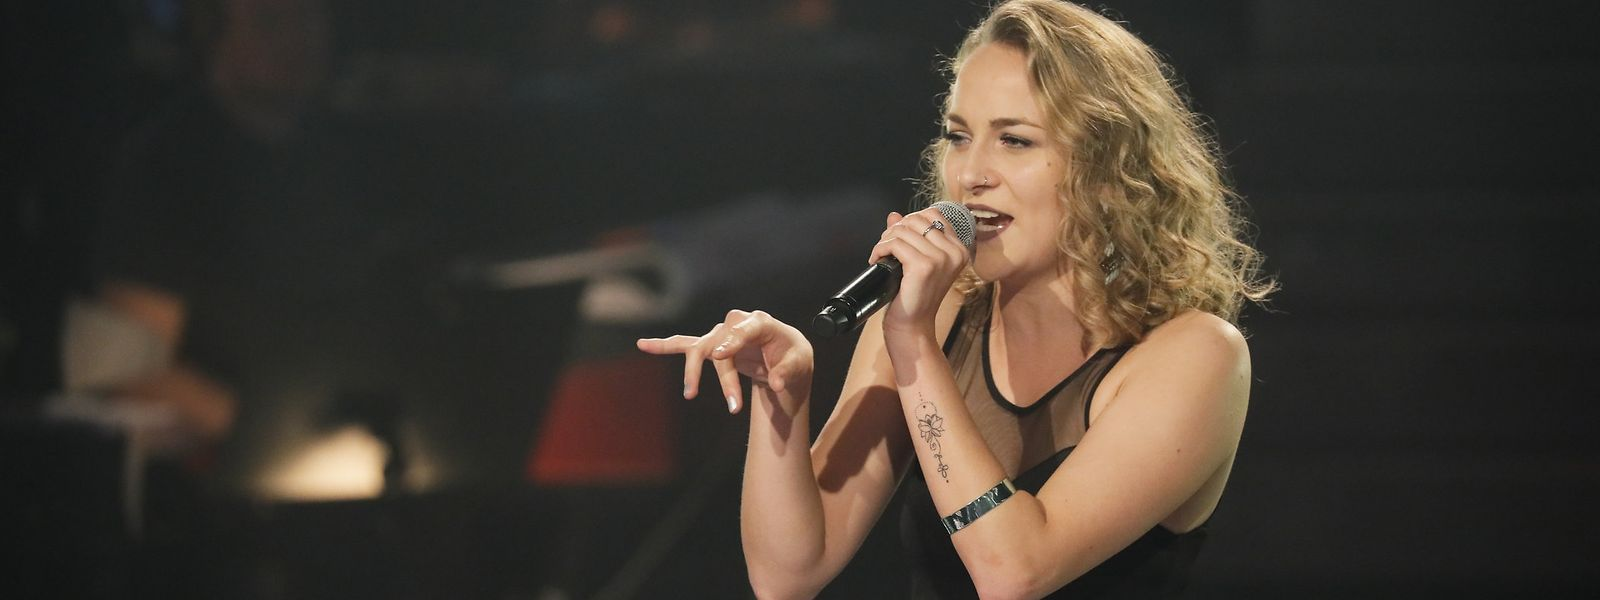 Christine Heitz zeigte bei ihrem Auftritt nochmals eine deutliche Steigerung.